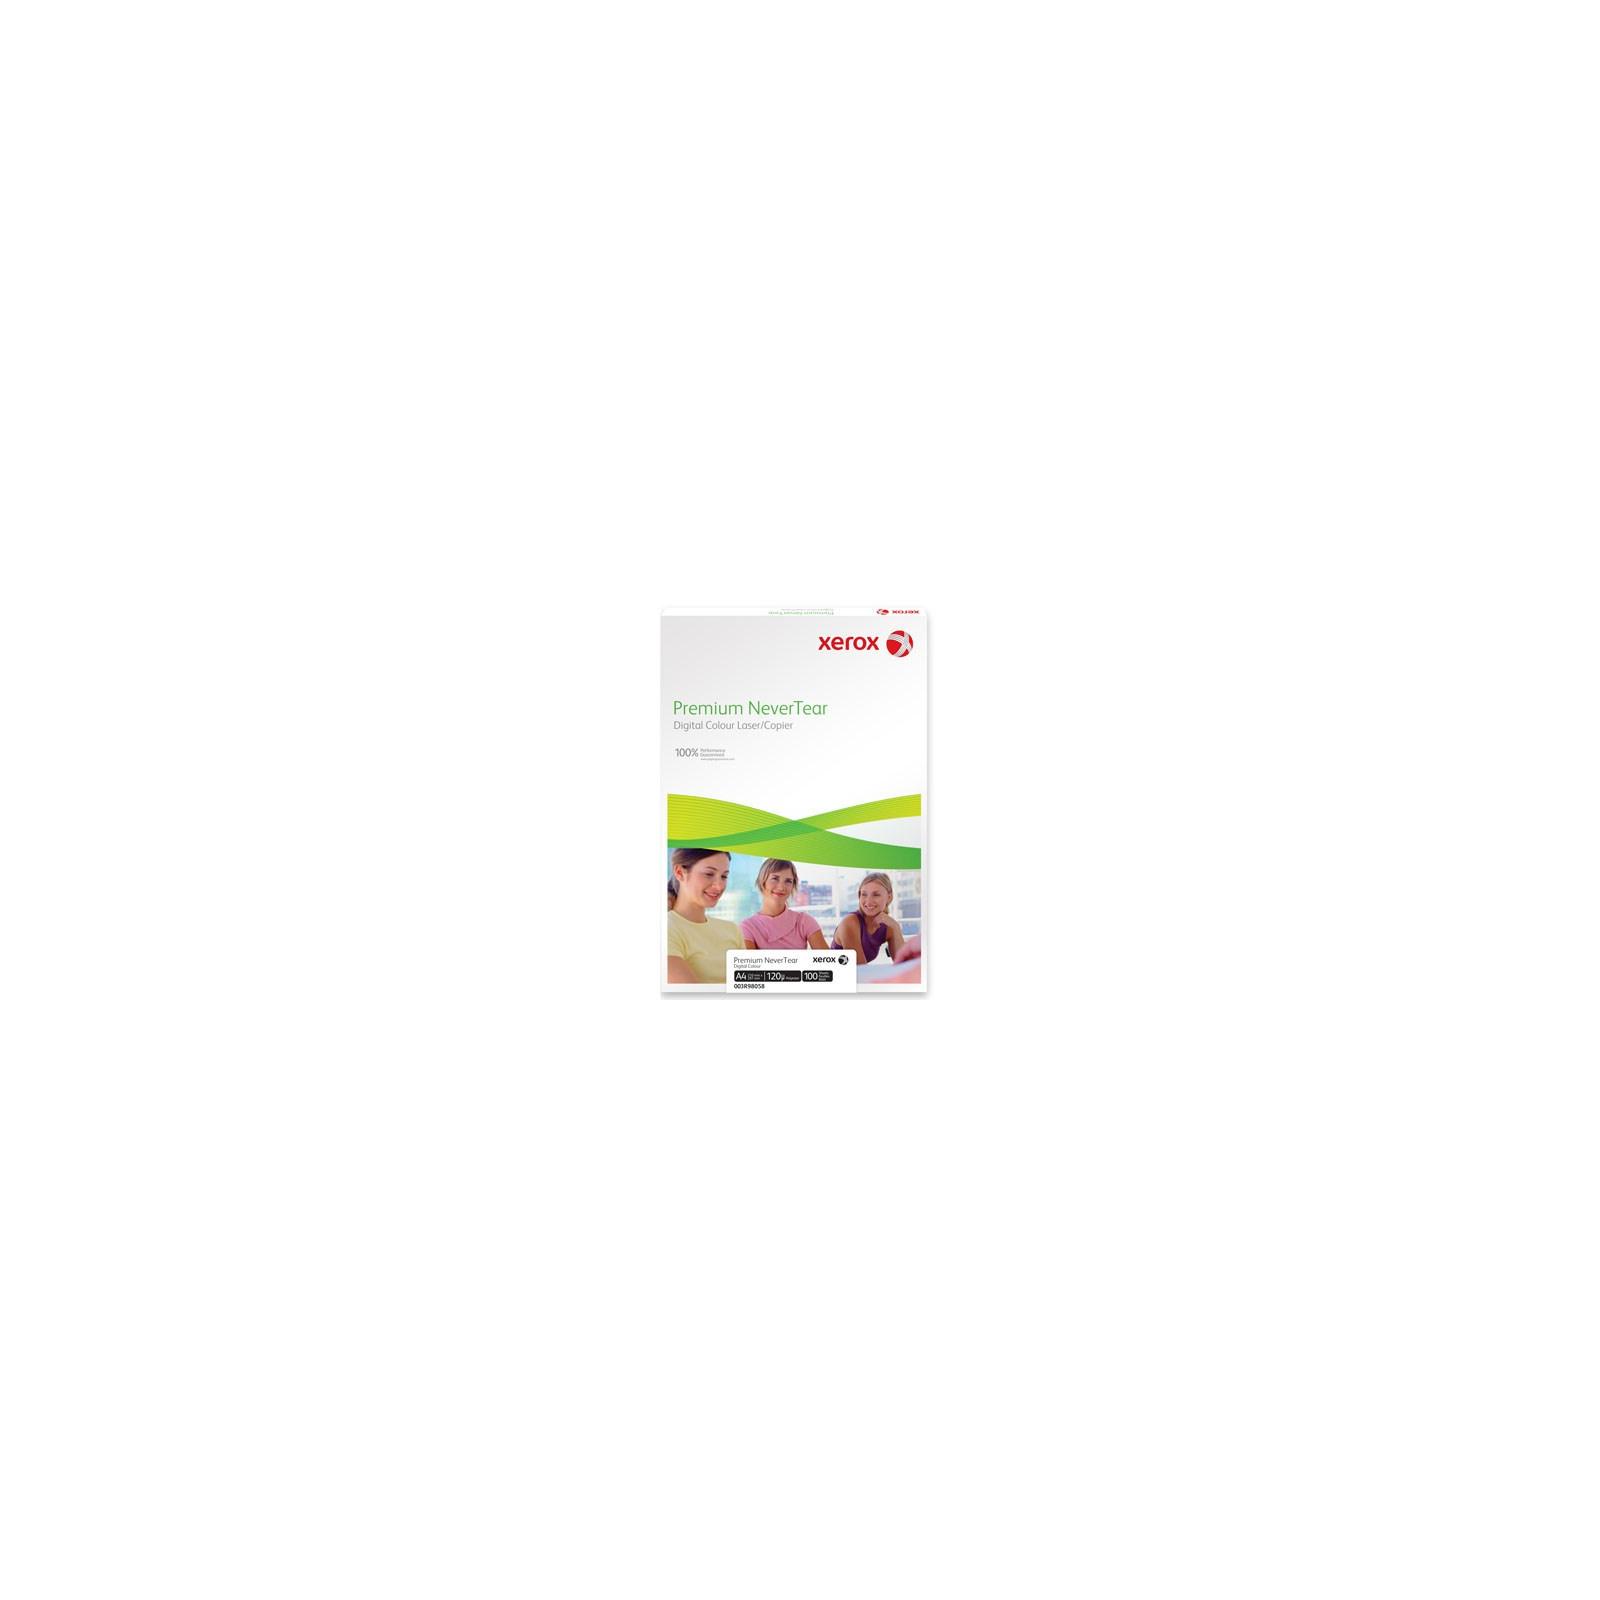 Пленка для печати Xerox A3 Premium Never Tear (003R98059)